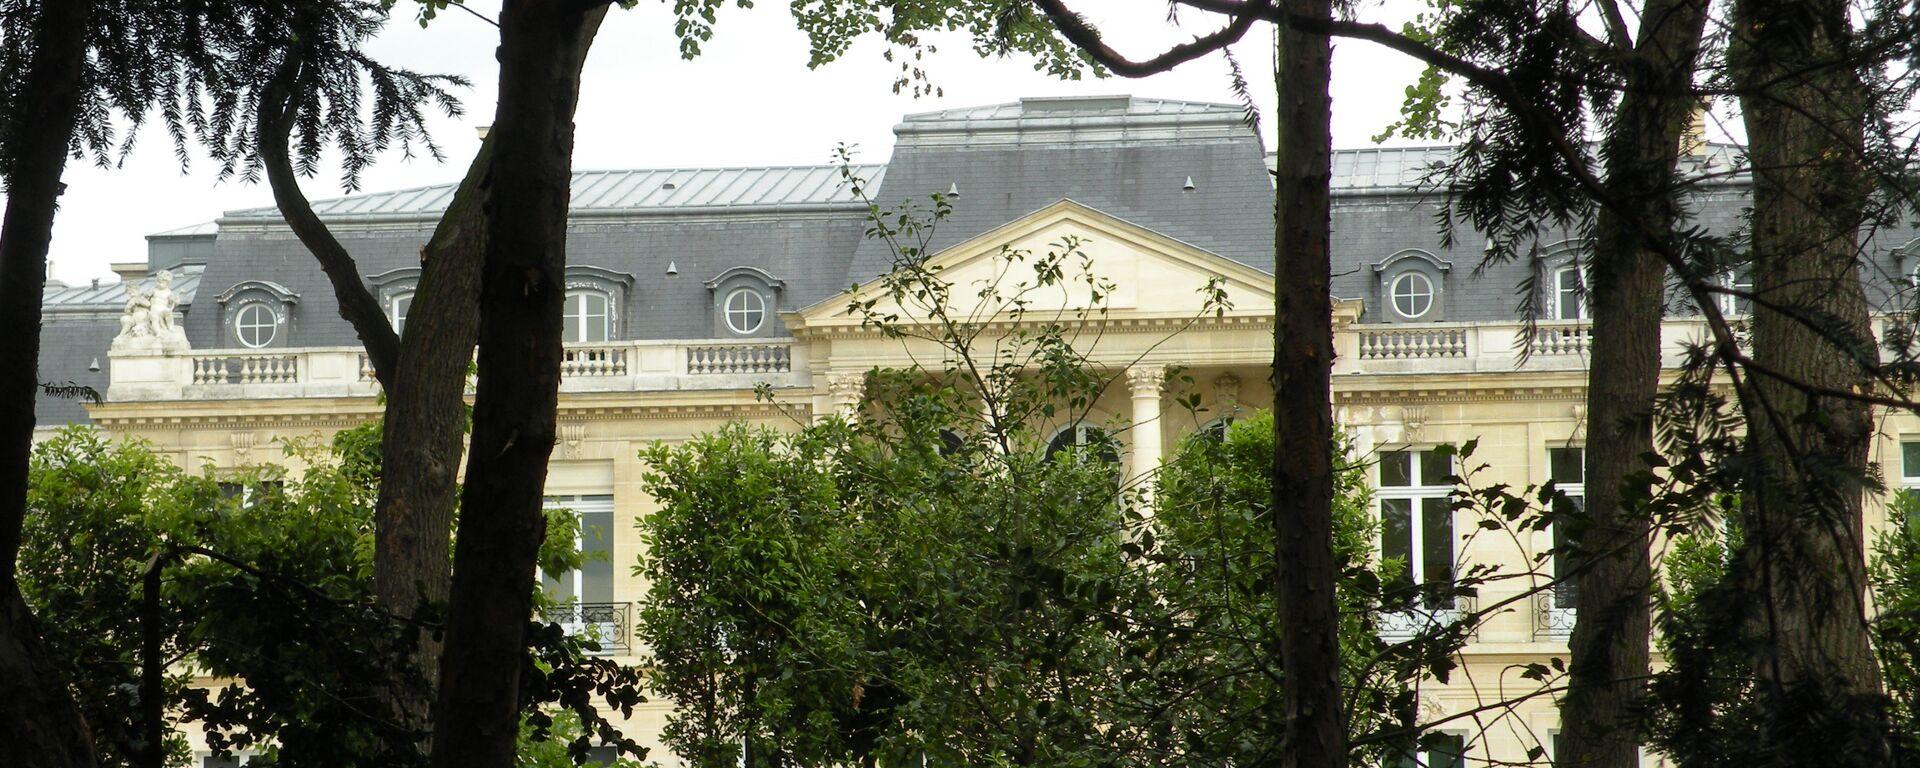 Sede de la Organización para la Cooperación y el Desarrollo Económico (OCDE) - Sputnik Mundo, 1920, 06.08.2021